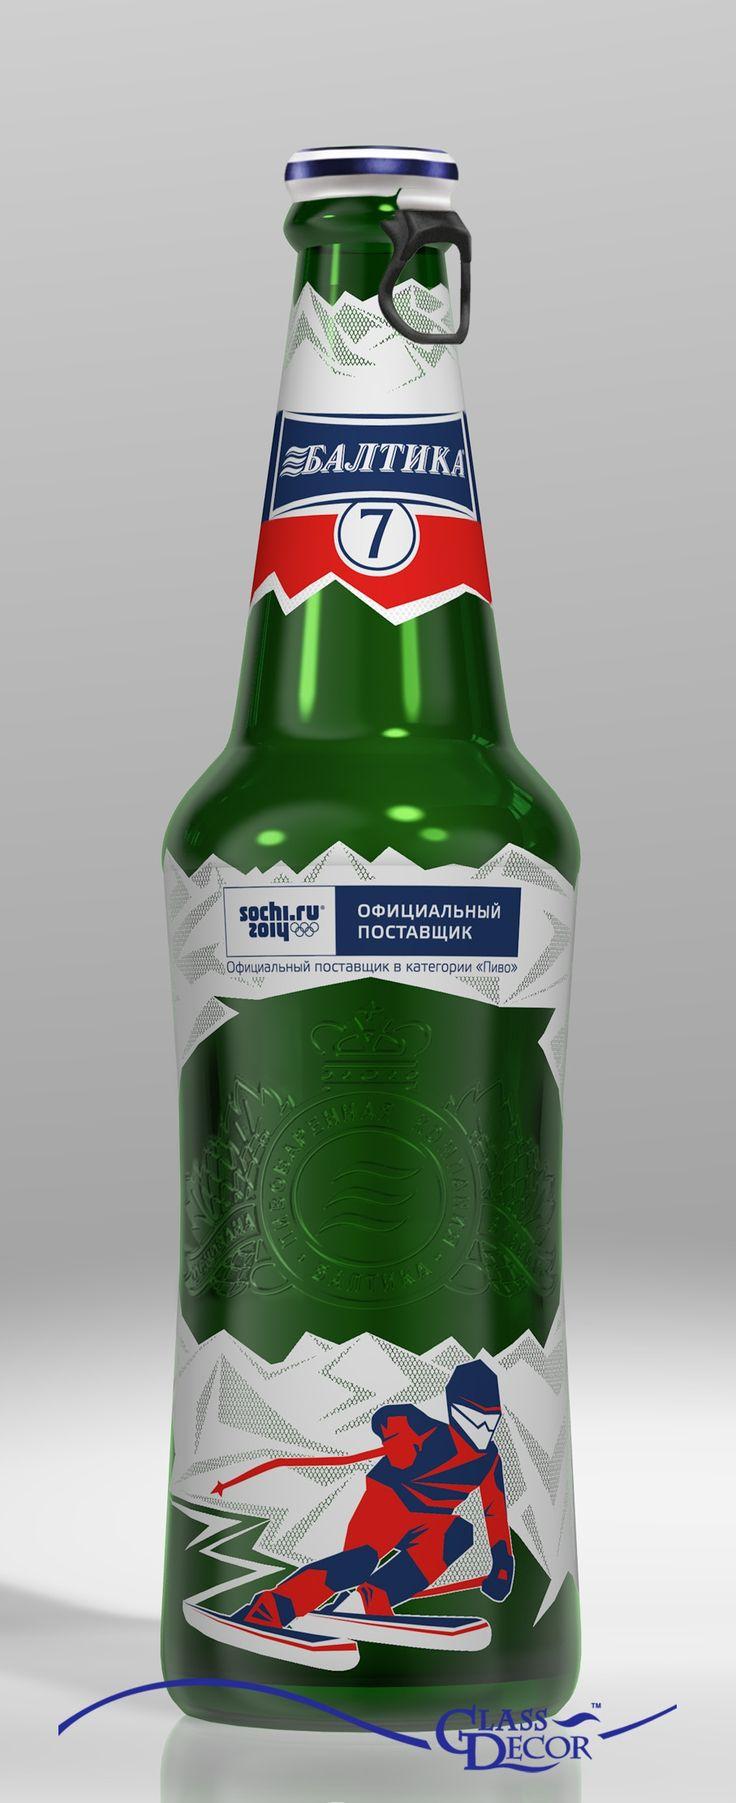 Bulletproof и «Гласс Декор» поработали над дизайном пива для Олимпийских Игр